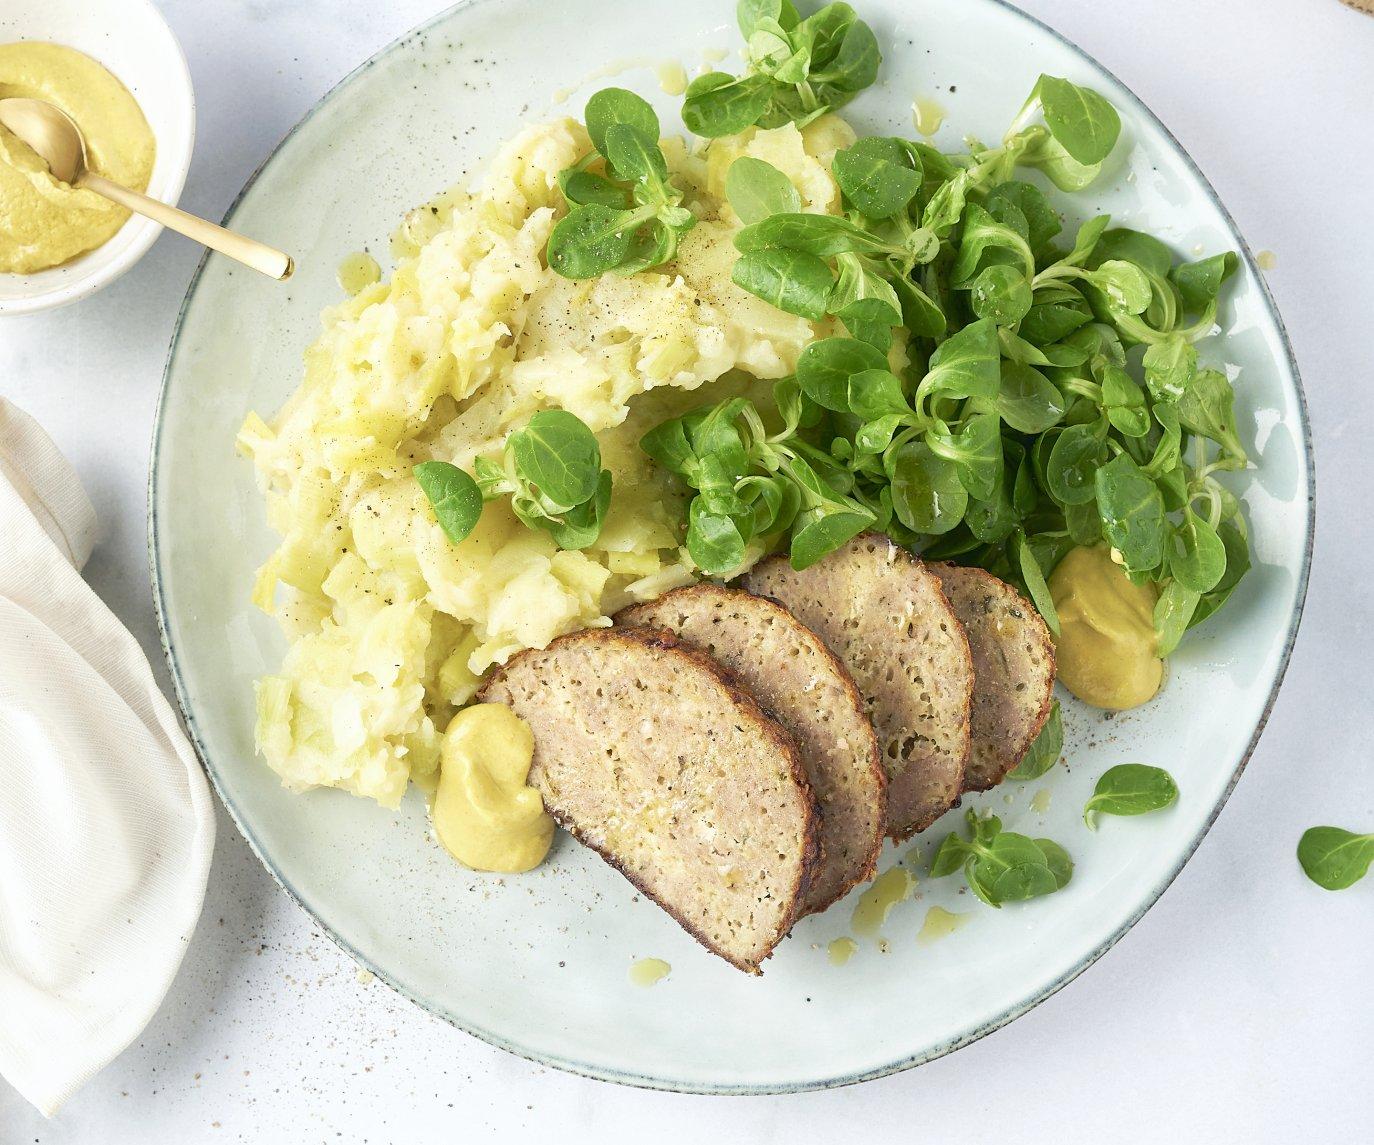 Preistoemp en gehaktbroodje met kaas